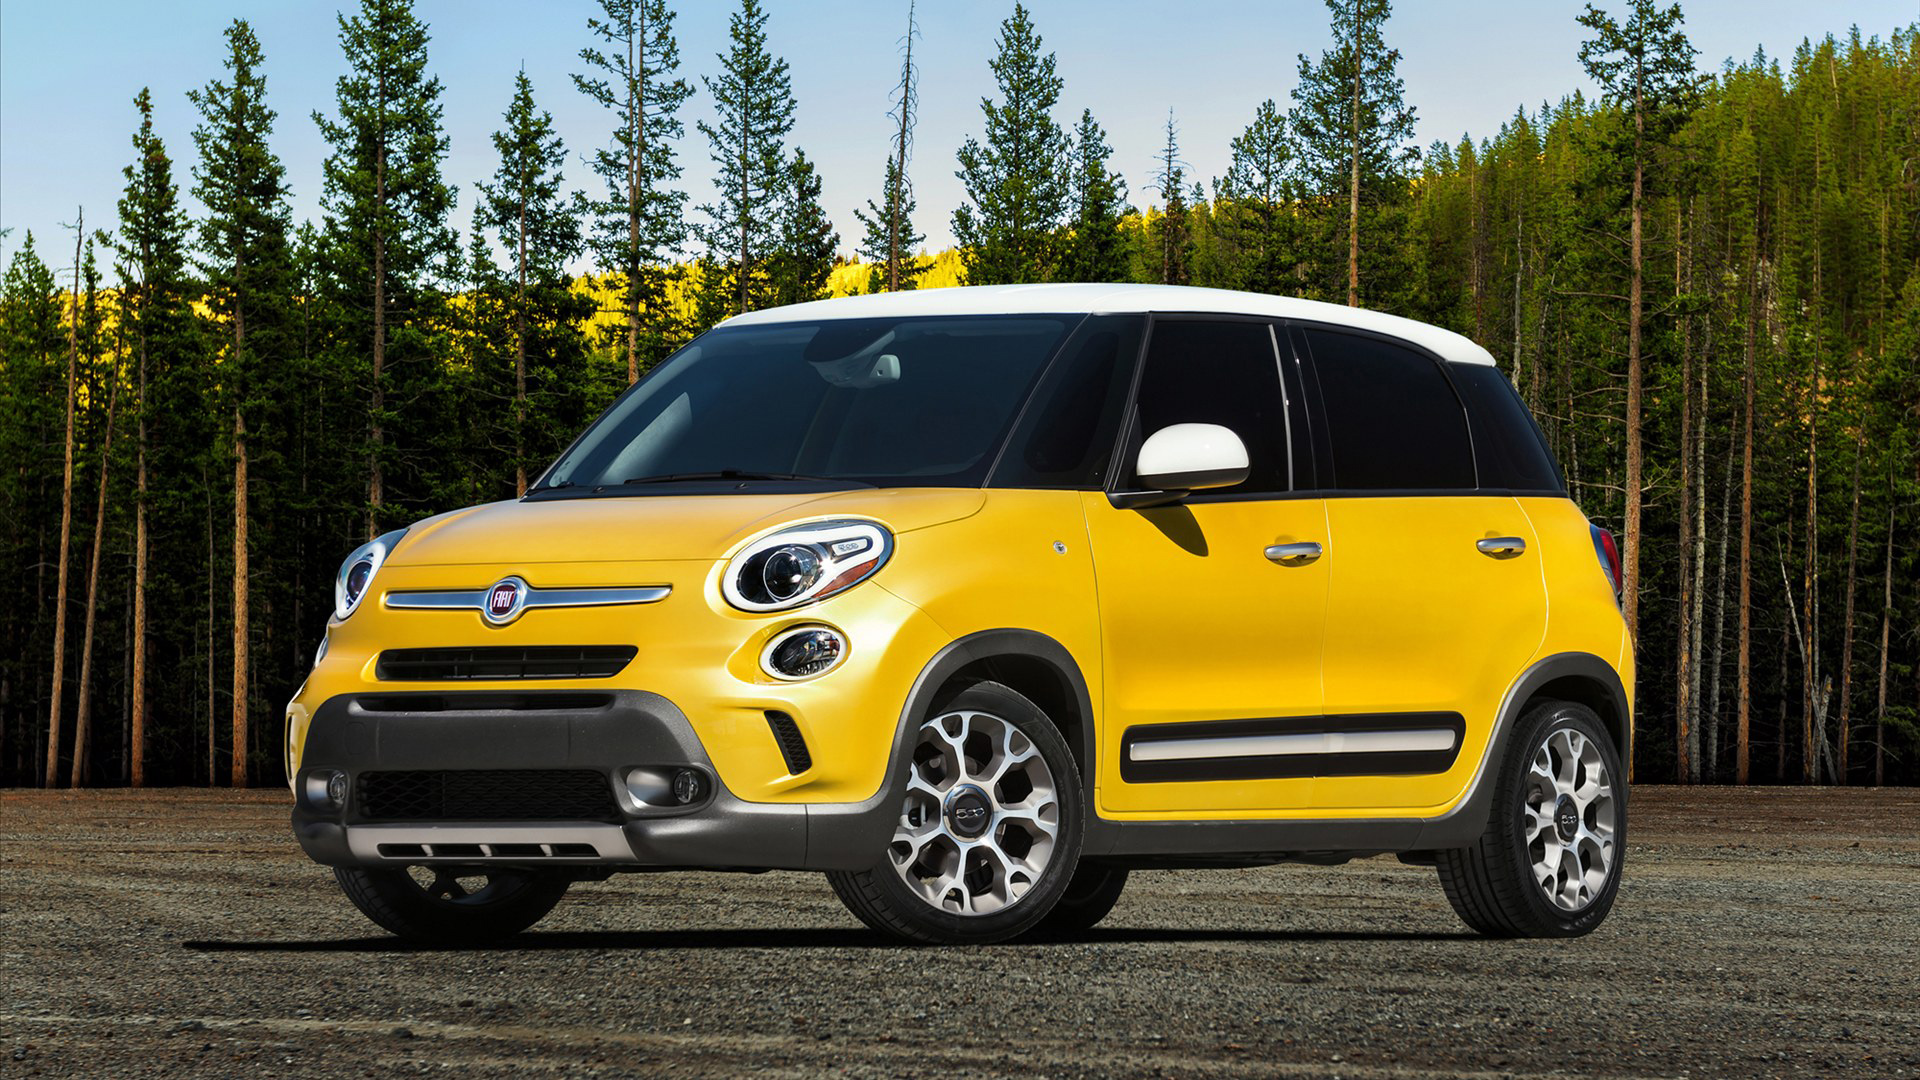 Fiat pop 500L 2014 hd image editor free download